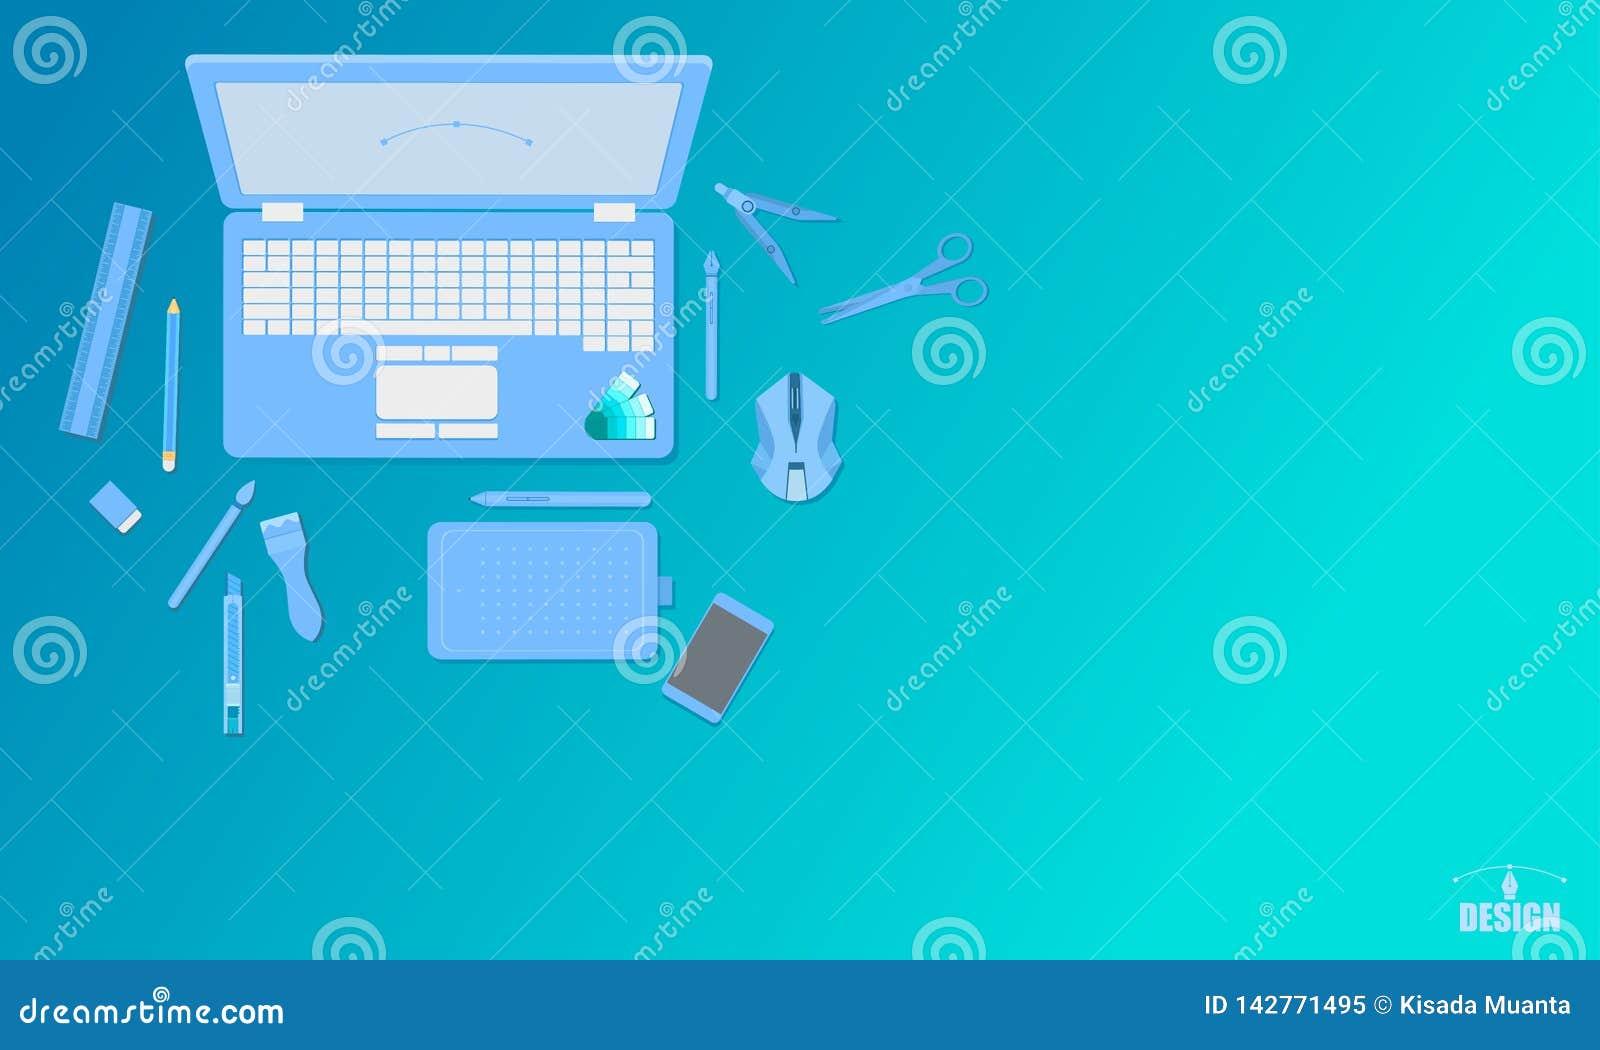 De creatieve van de de studio hoogste mening van het kunstontwerp van de het concepten blauwe toon vectorillustratie eps10